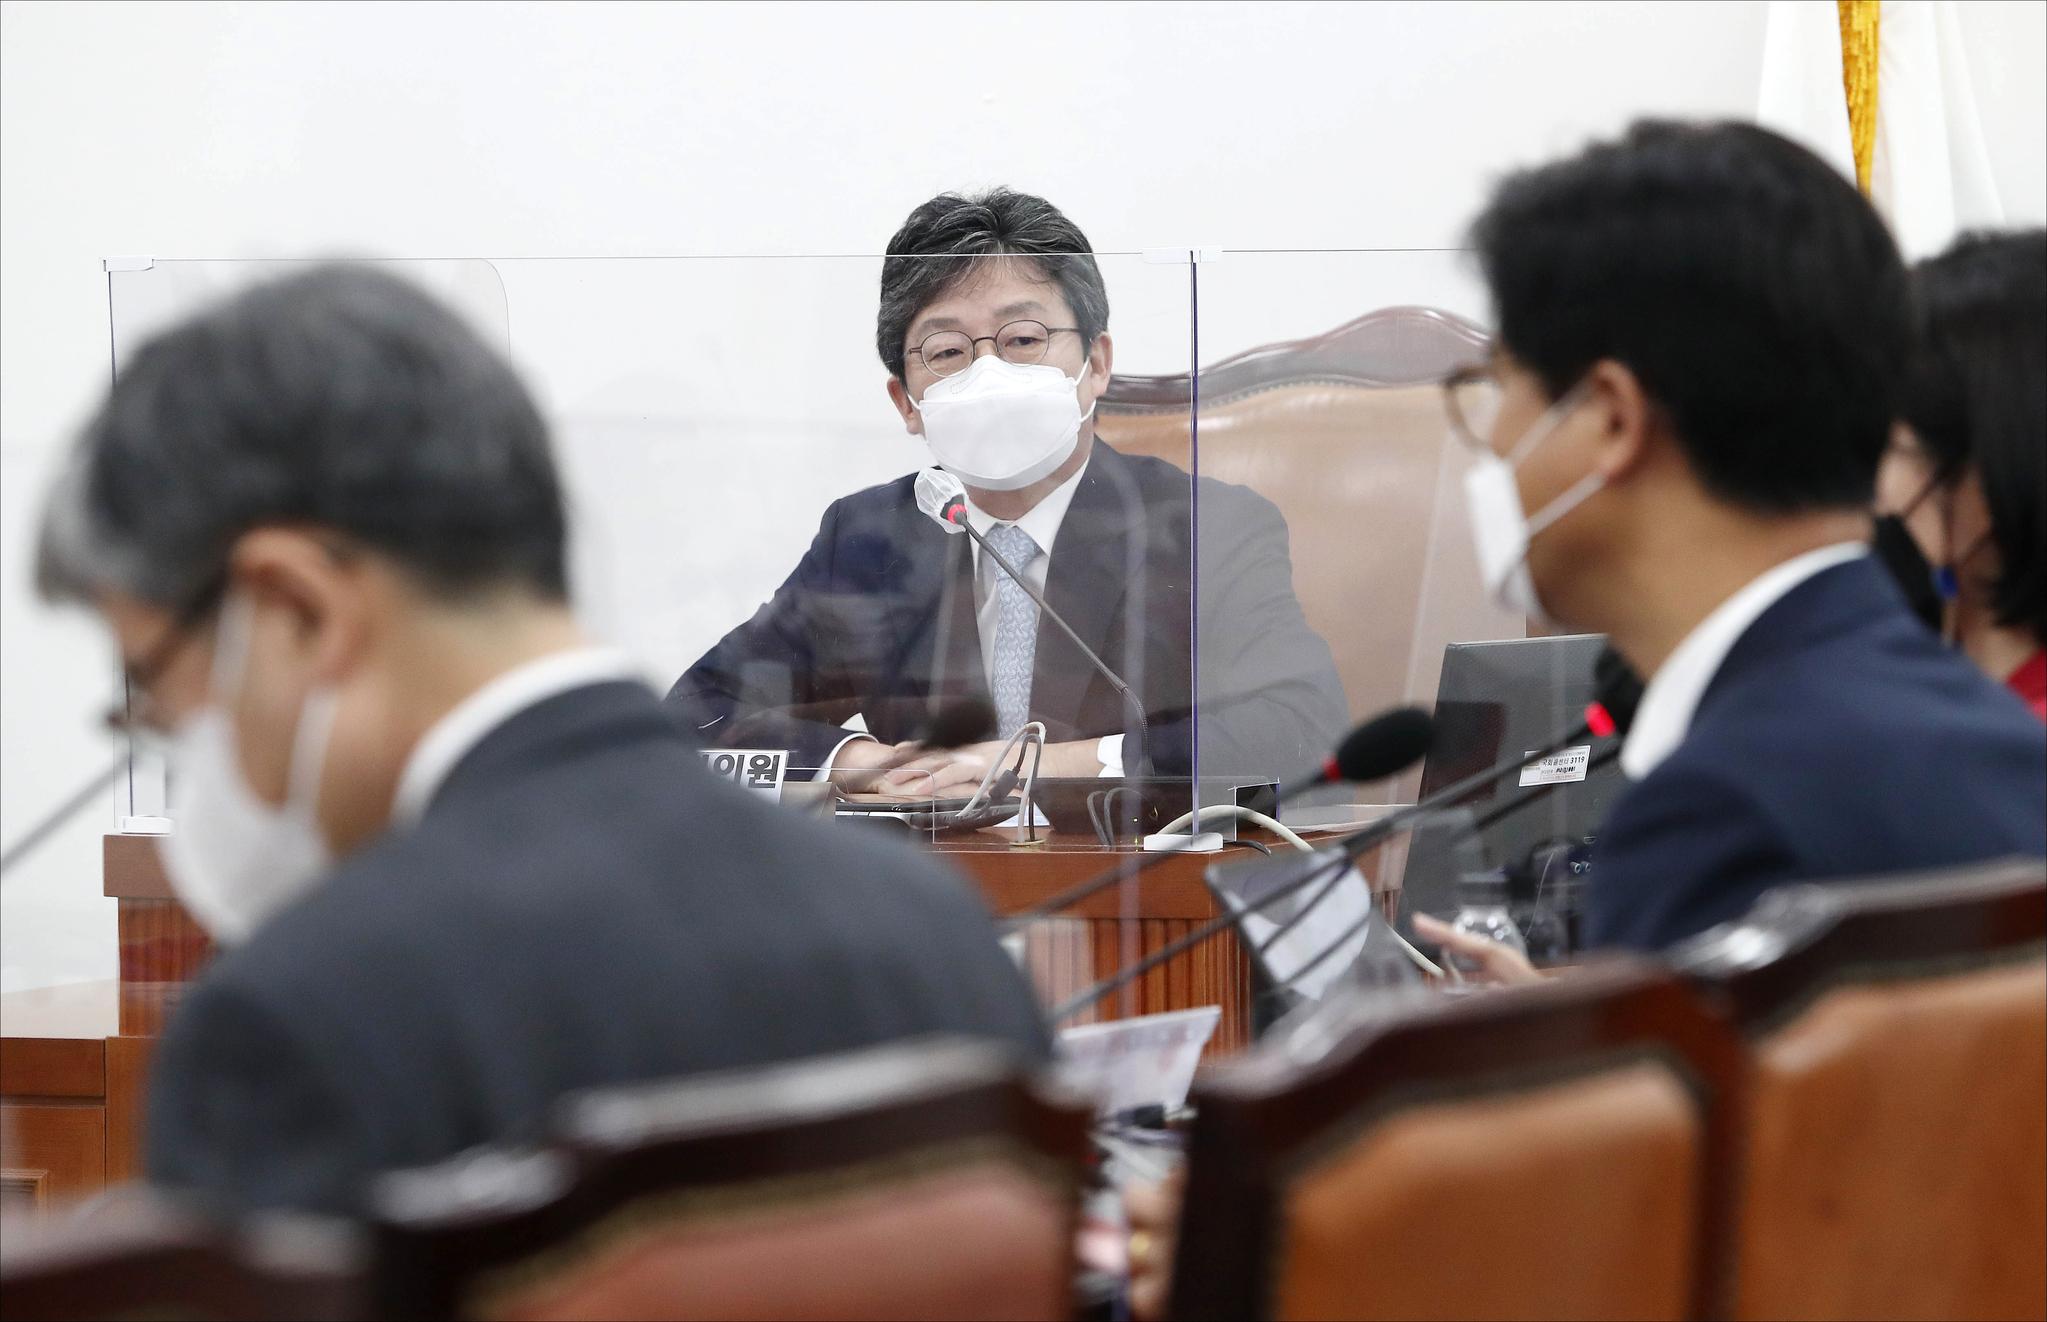 유승민 전 의원이 6일 오전 서울 여의도 국회에서 열린 국민의힘 초선모임 '명불허전 보수다'에서 국민 신뢰를 얻기 위한 당 개혁을 주제로 강연을 하고 있다. 뉴스1